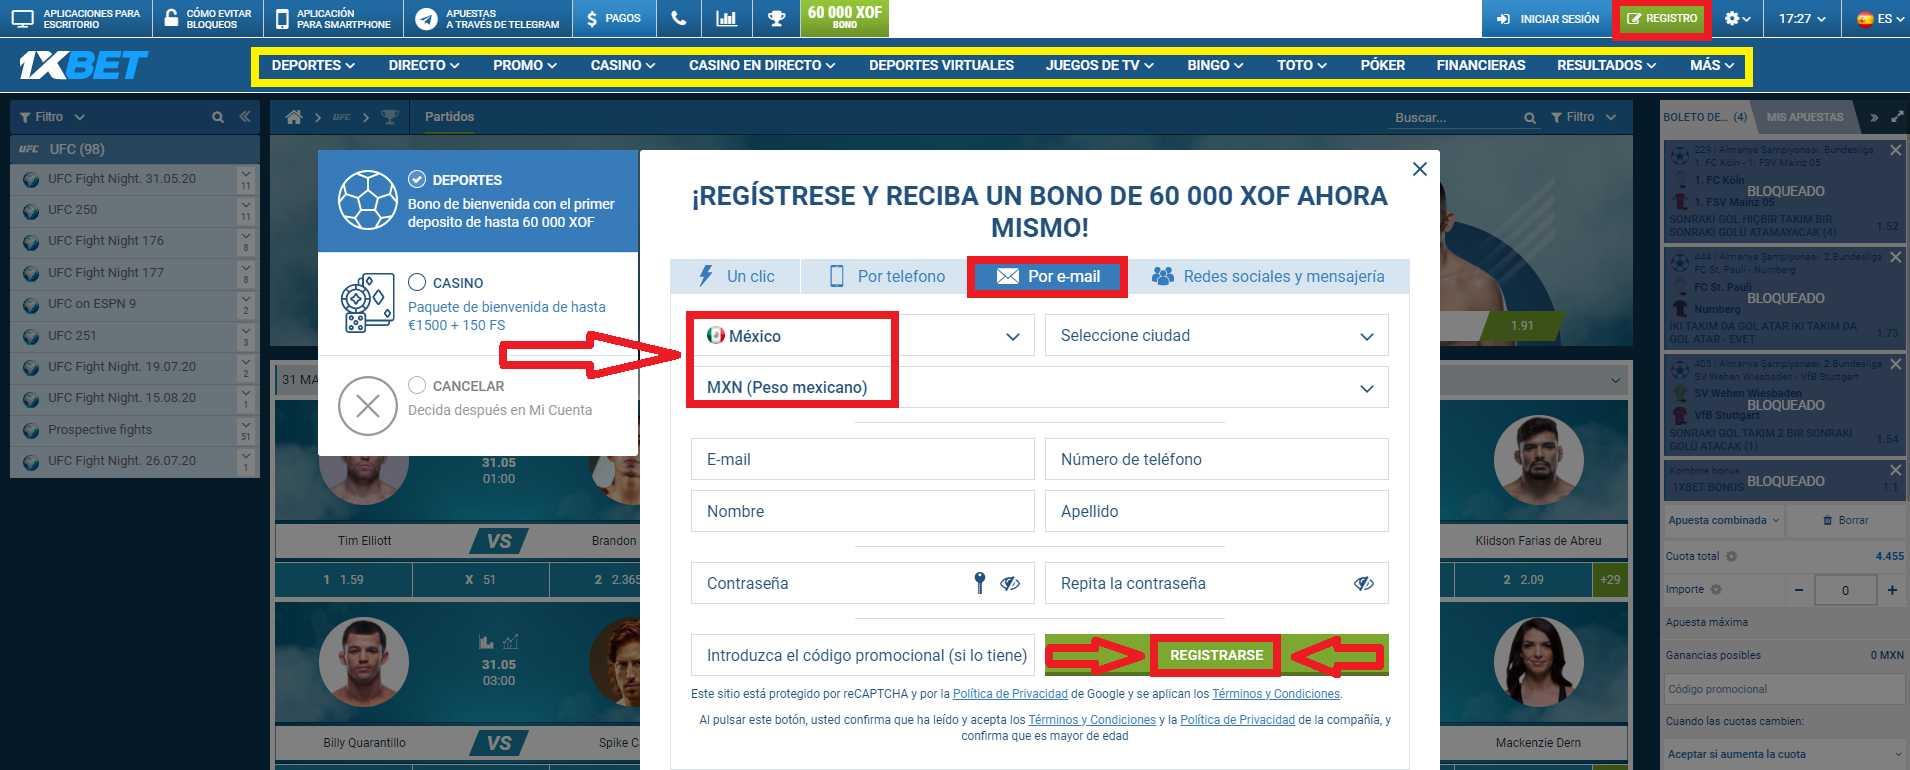 La sucursal nueva de 1xBet España register